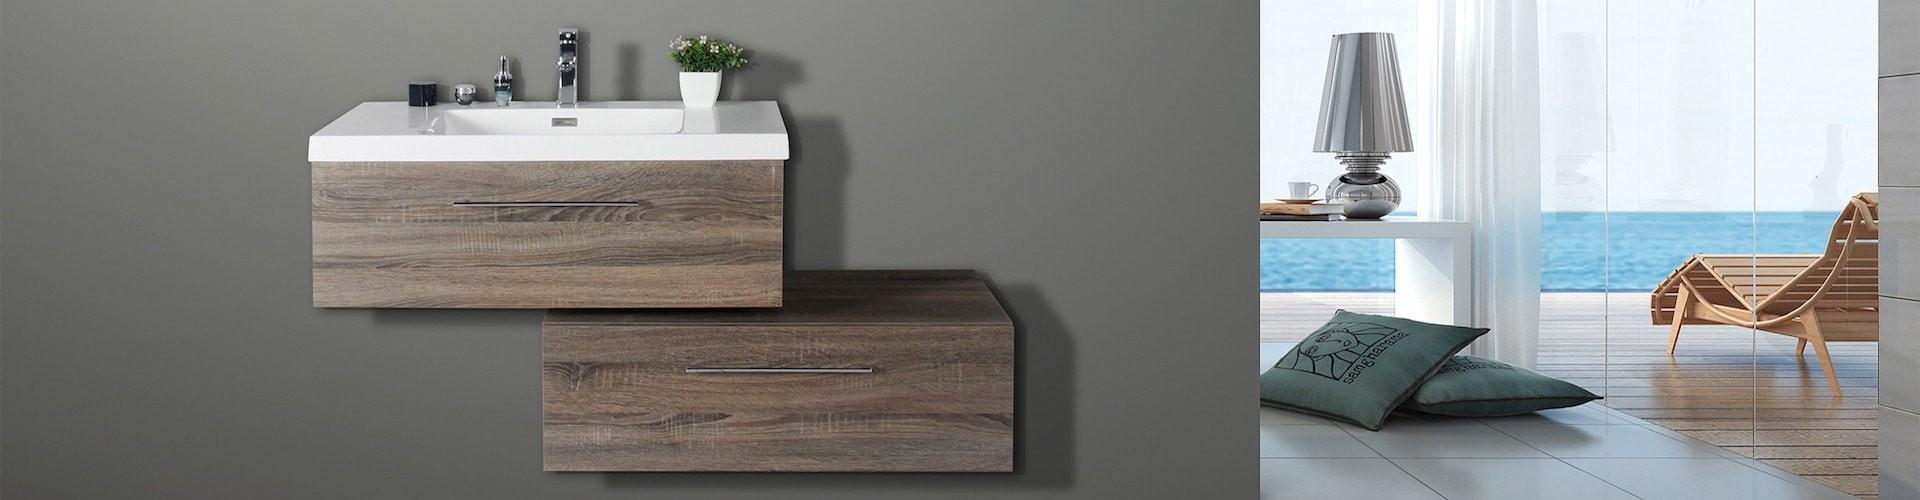 Jindoli Salle De Bain ~ jindoli meubles salle de bain design petit prix